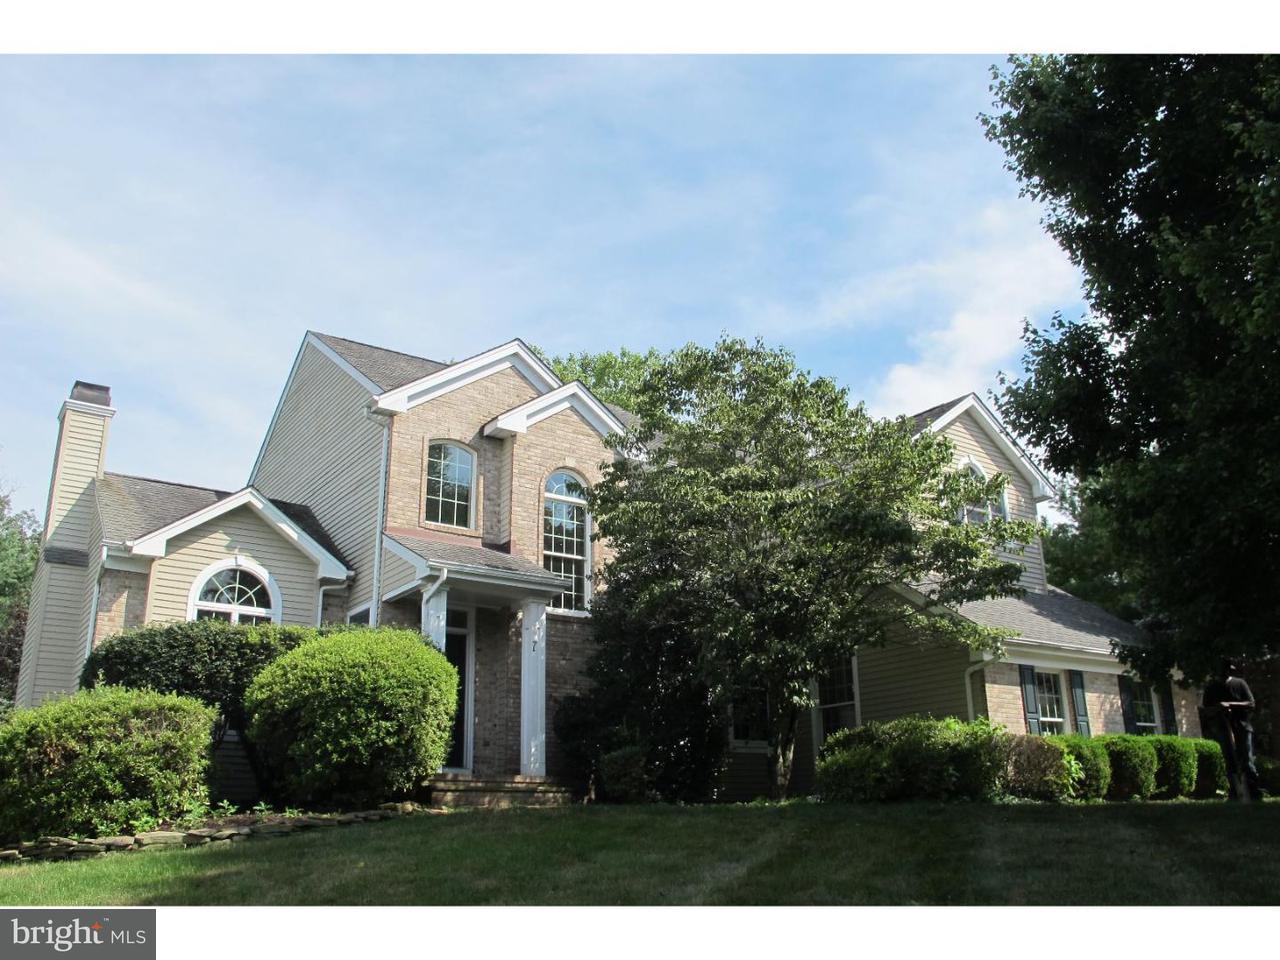 Casa Unifamiliar por un Alquiler en 7 HERITAGE HILLS Court Skillman, Nueva Jersey 08558 Estados UnidosEn/Alrededor: Montgomery Township